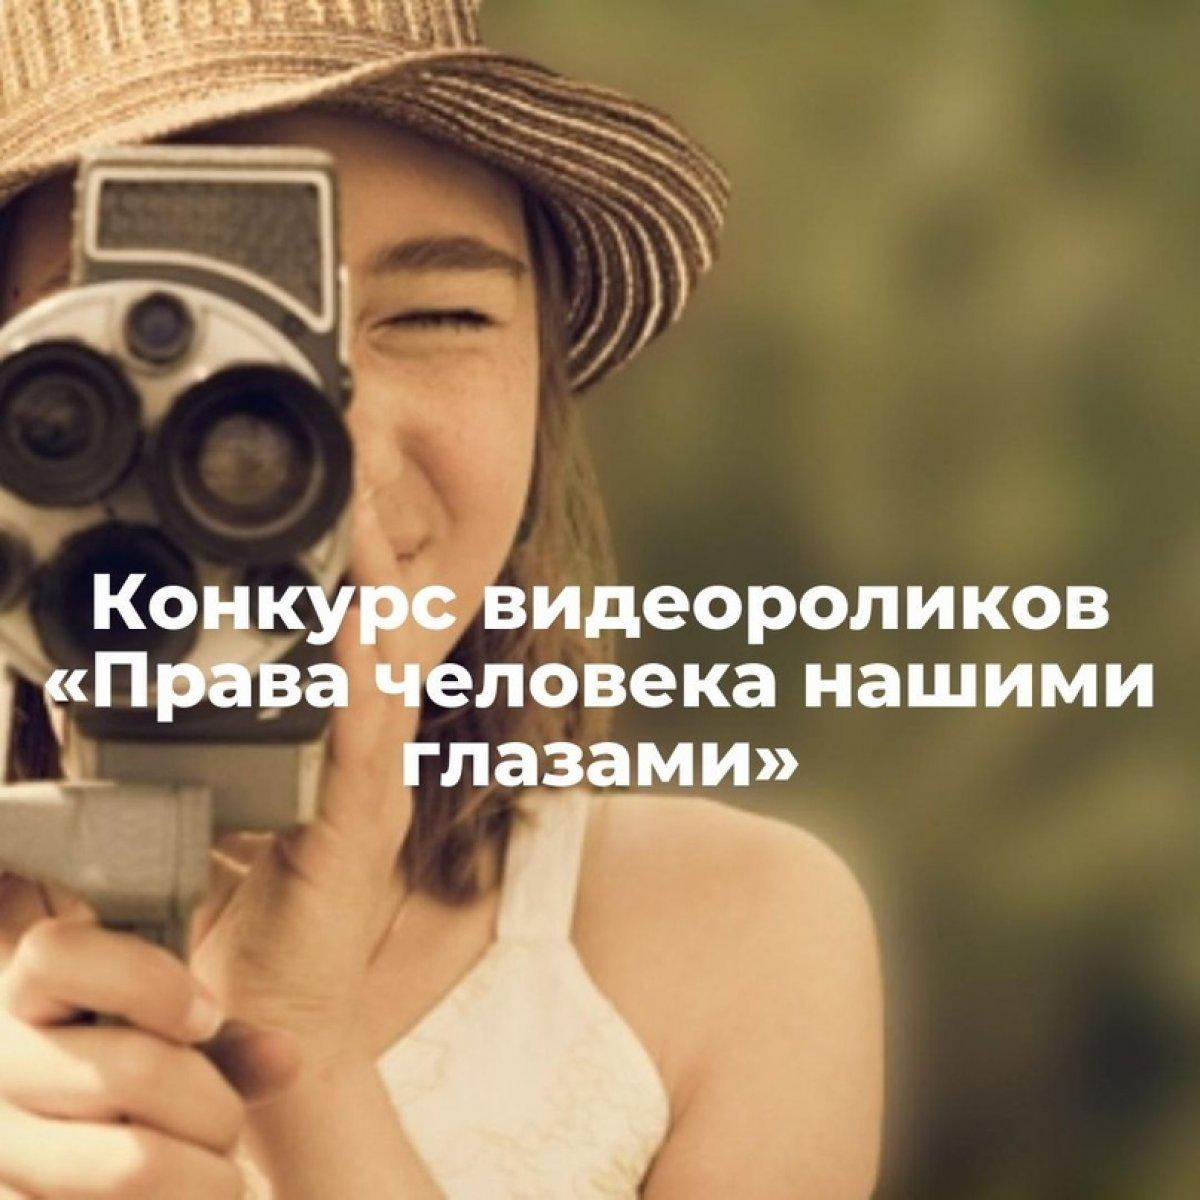 это интересные фотоконкурсы правила участия воспользоваться